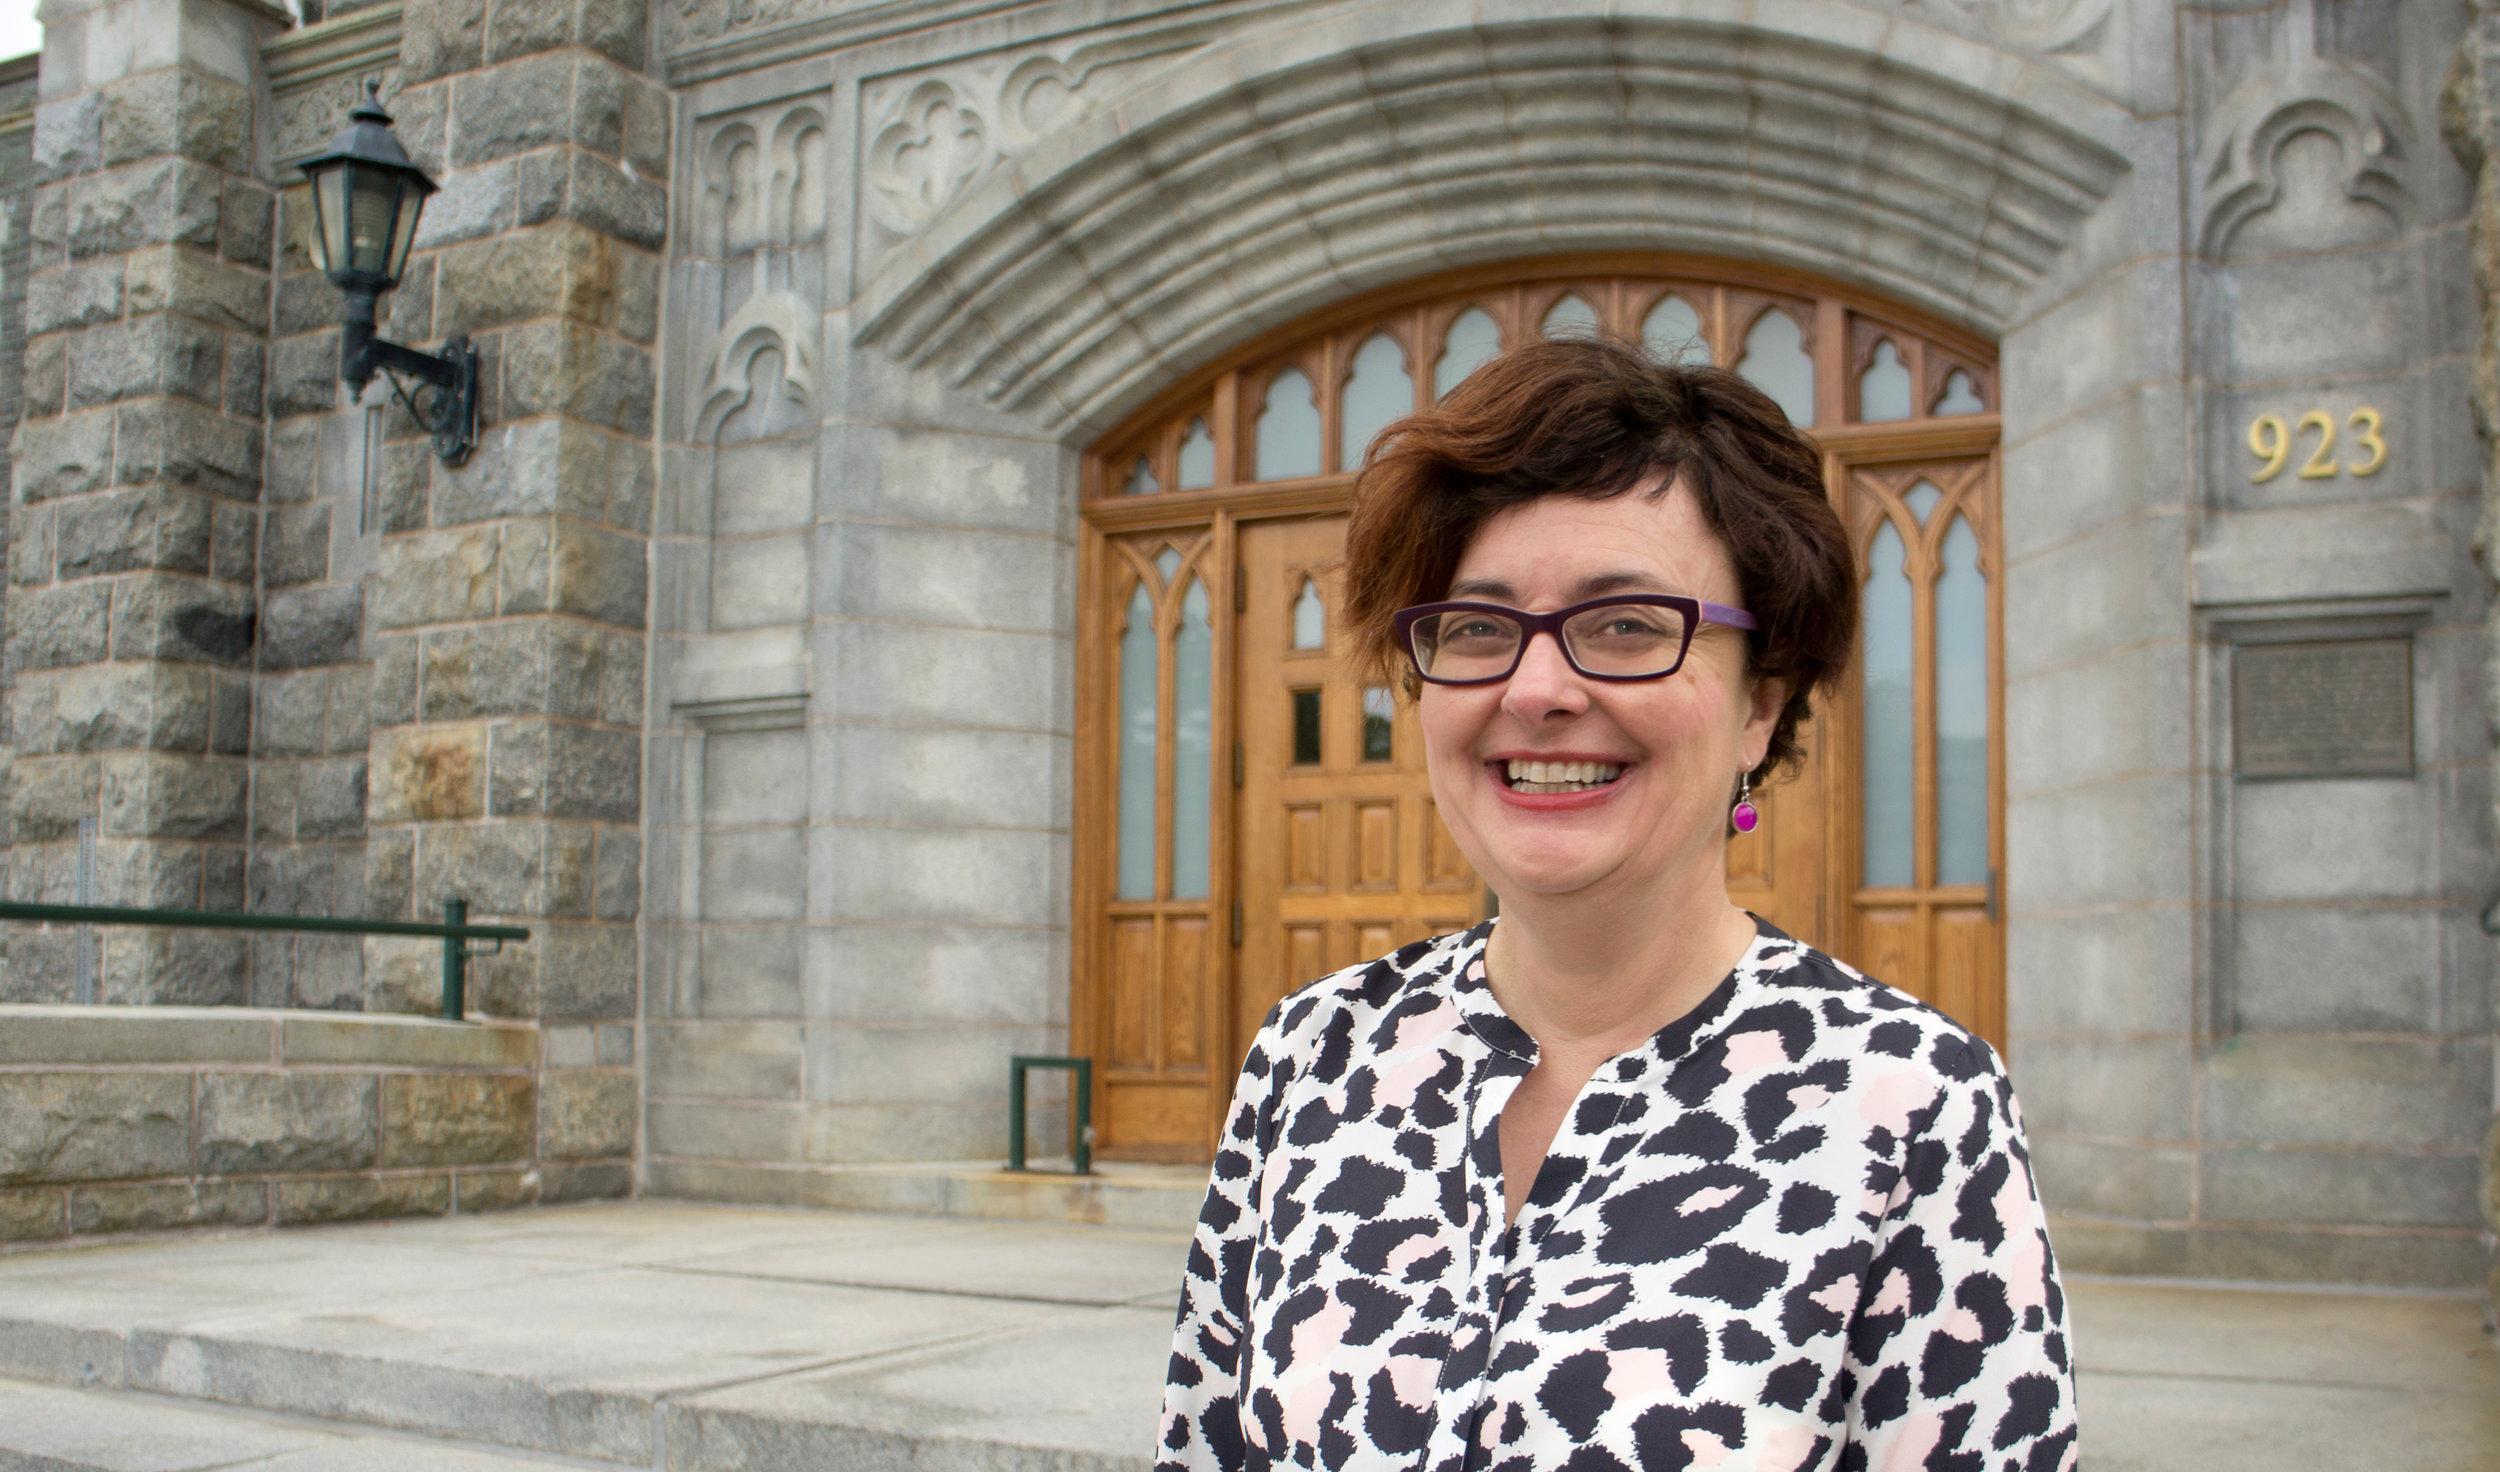 Dr. Margaret MacDonald, Dean of Arts